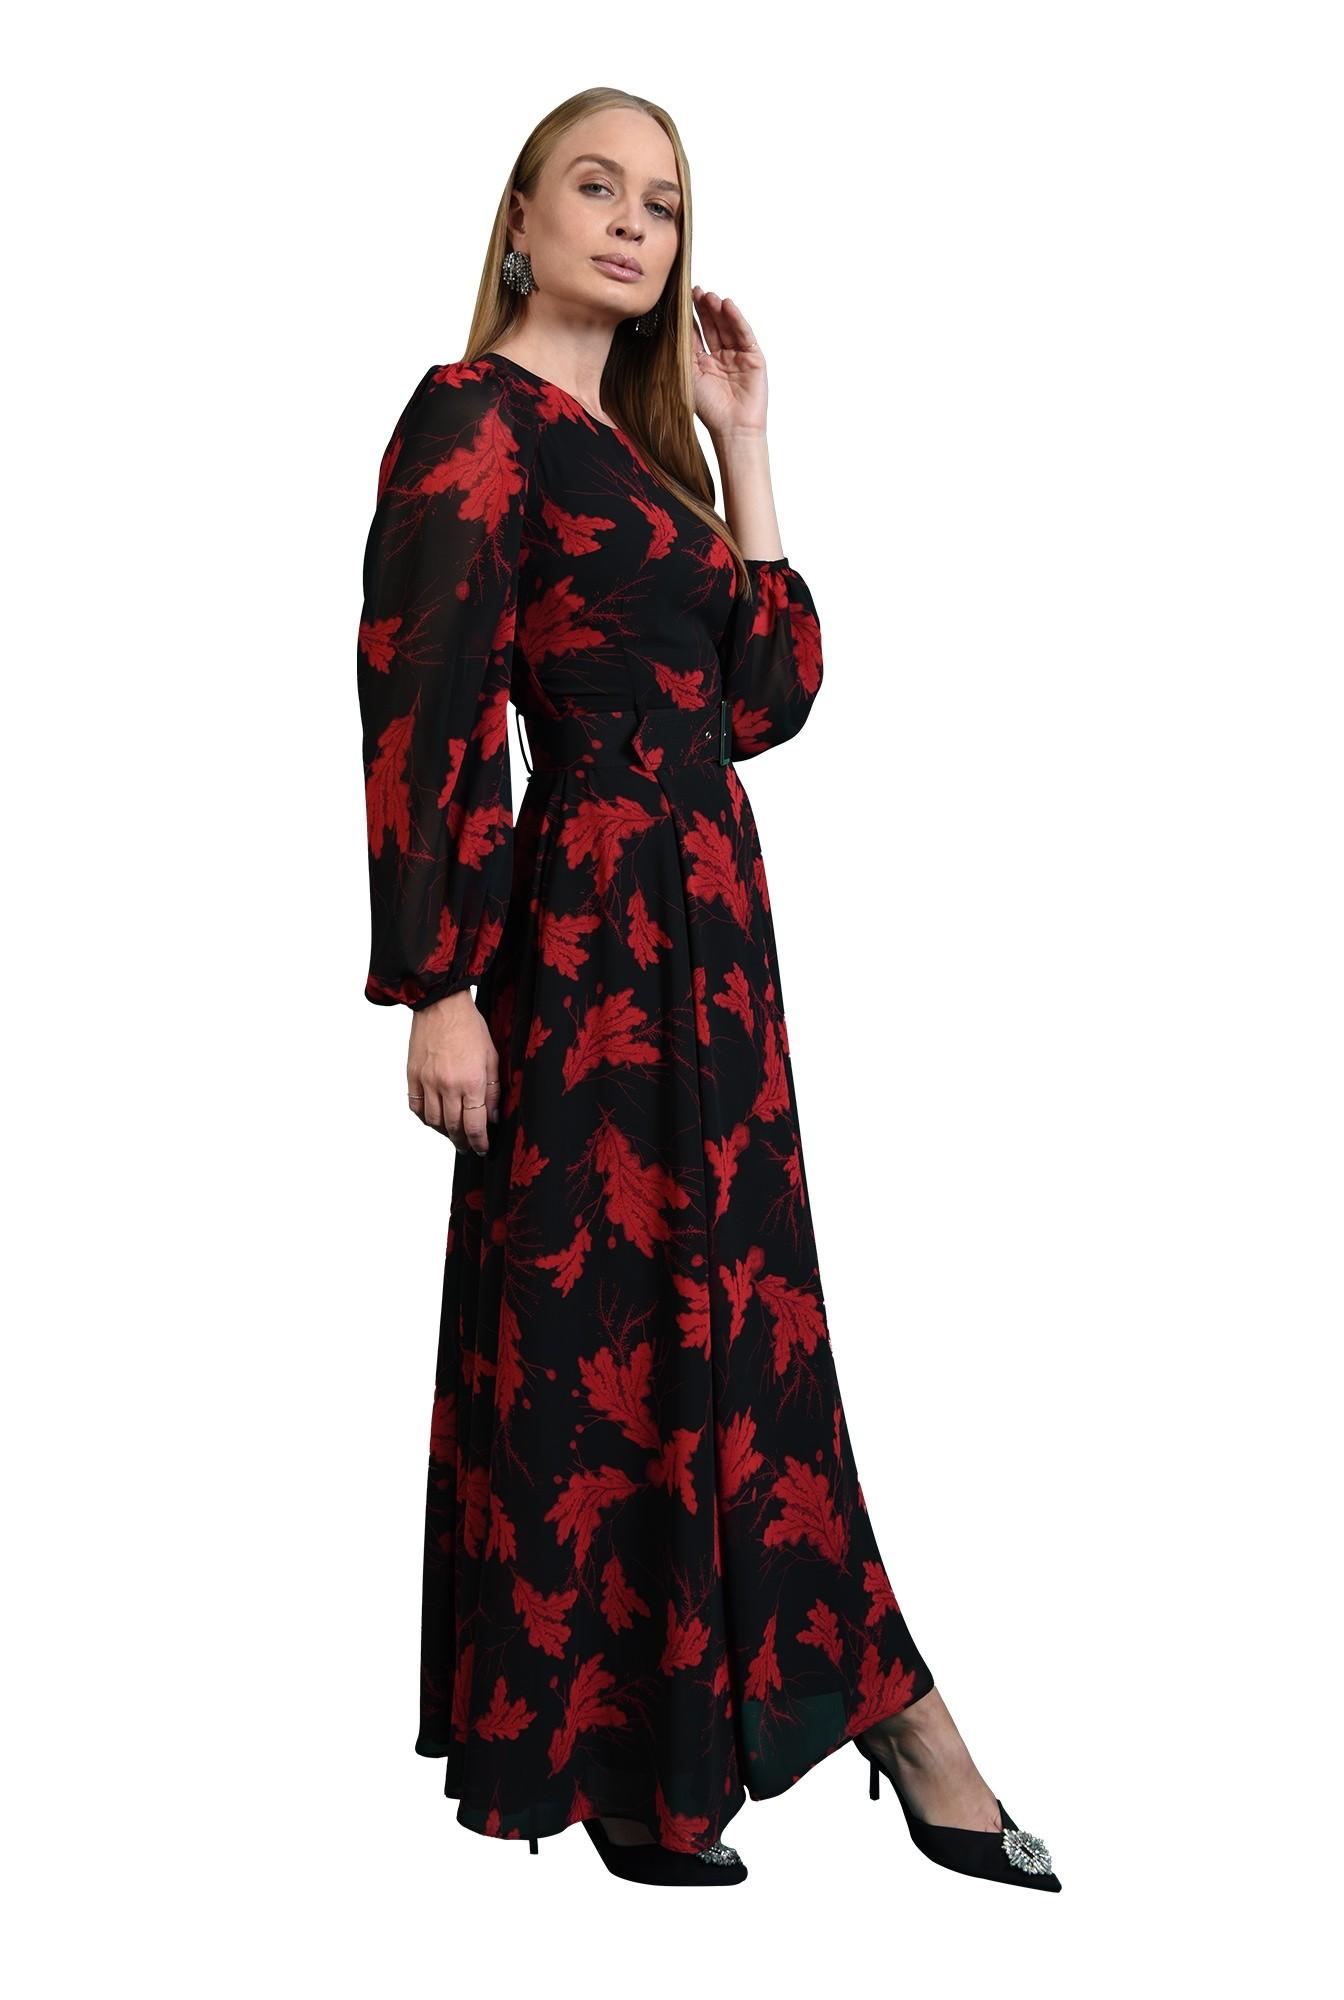 3 - rochie lunga, neagra, cu motive florale